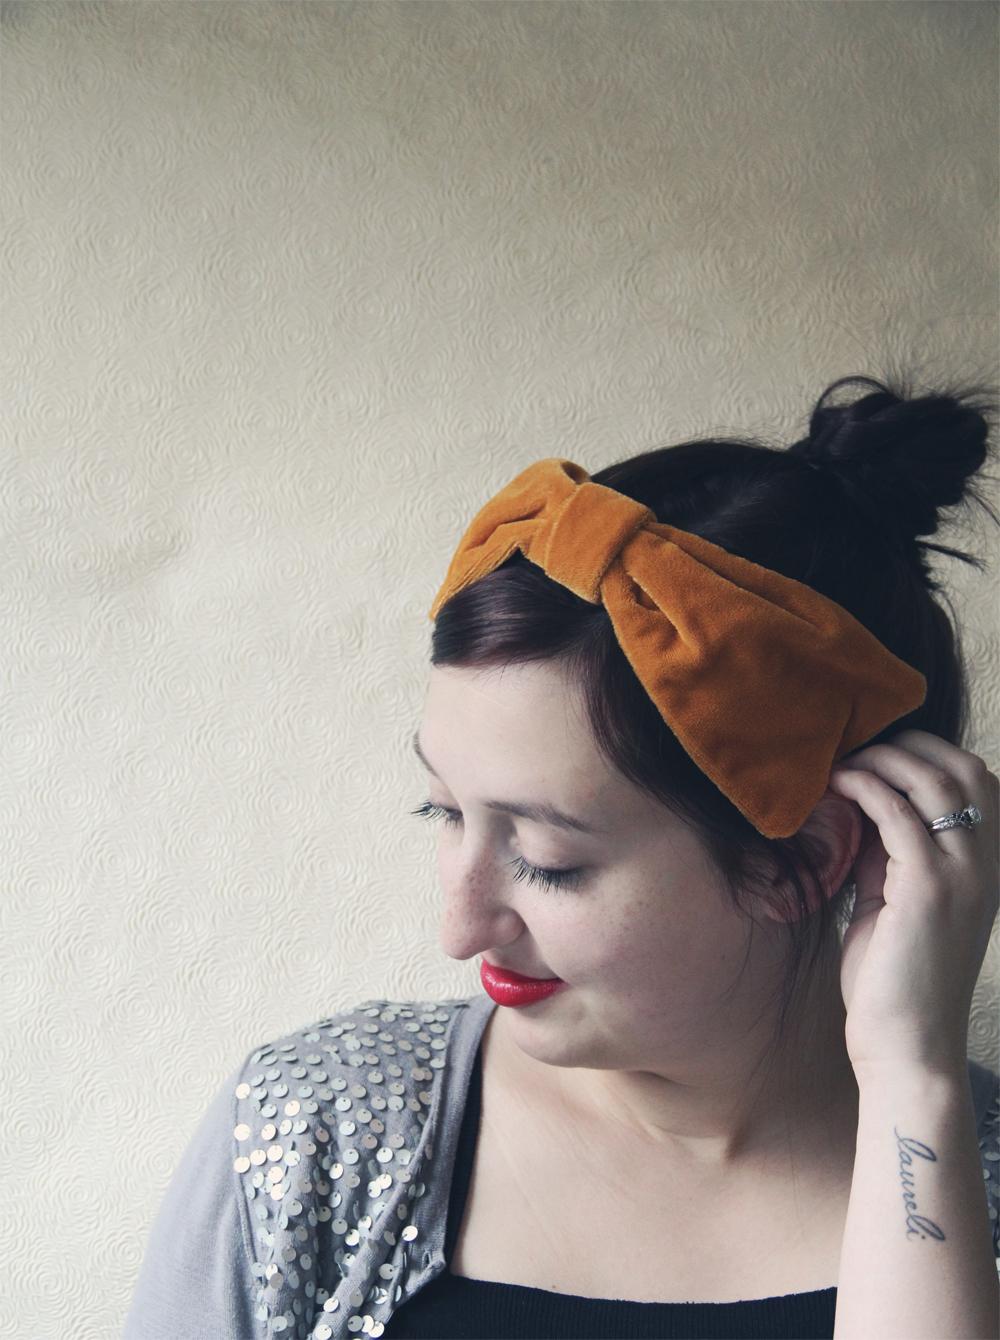 Profile February 2013